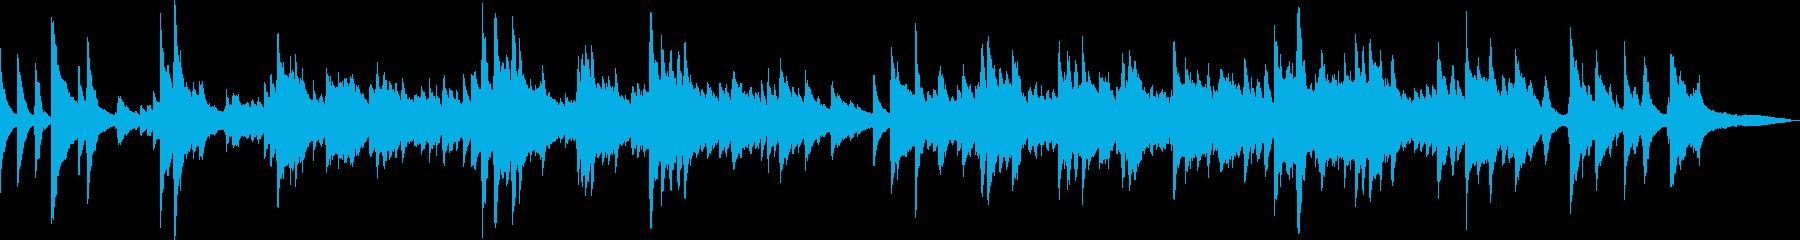 澄みきった青空(ピアノ、爽やか)の再生済みの波形